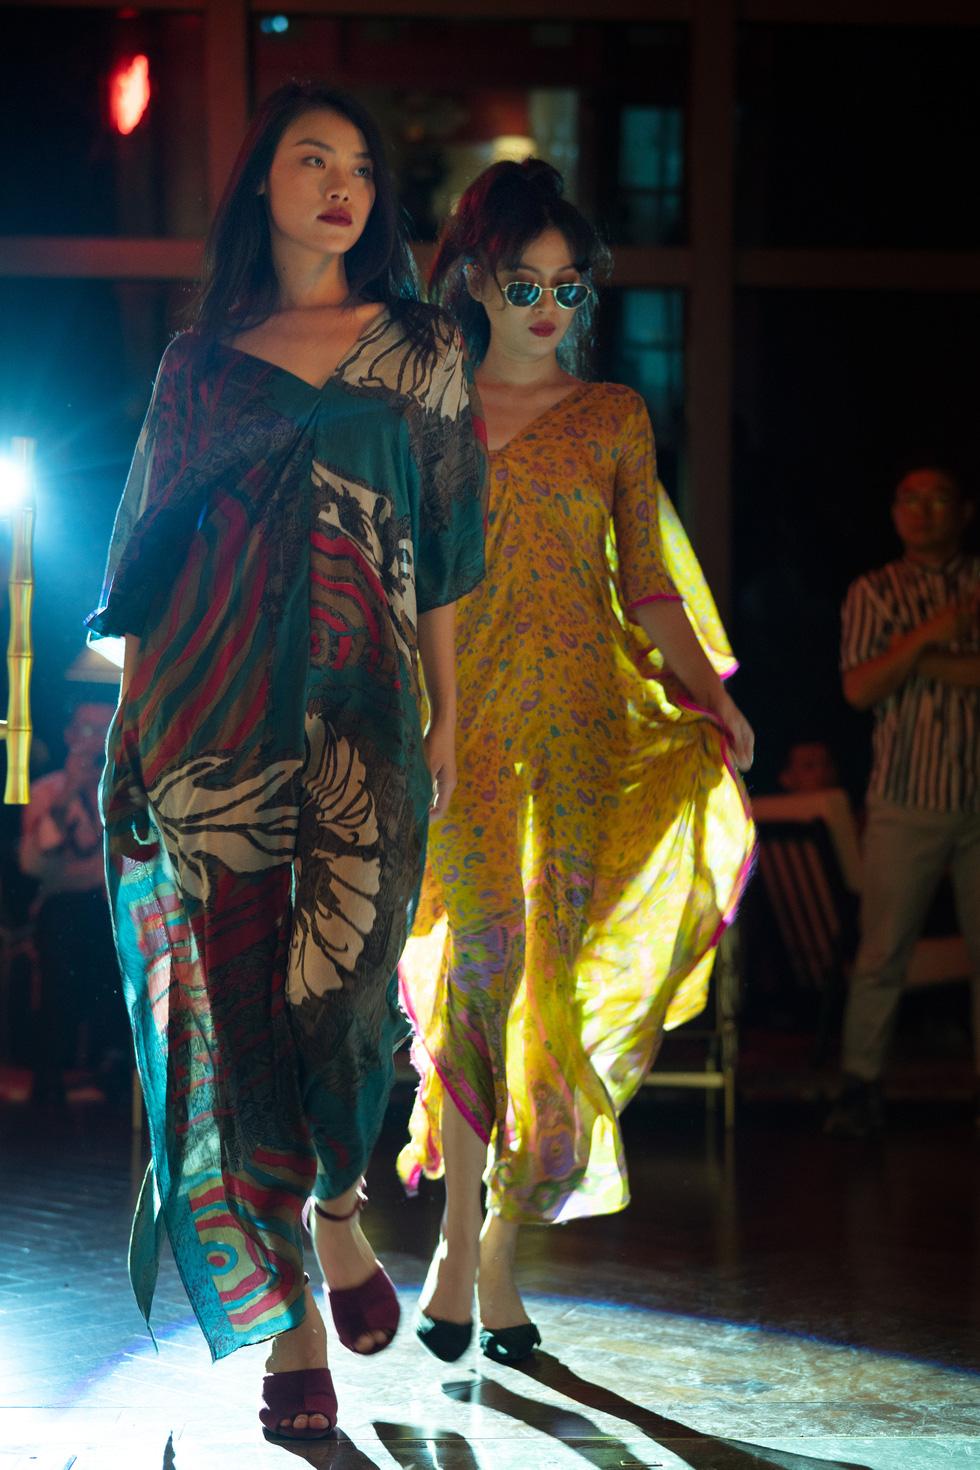 Nhà thiết kế Li Lam: Thời trang liên quan đến nội tâm nhiều hơn những gì hào nhoáng bên ngoài - Ảnh 9.